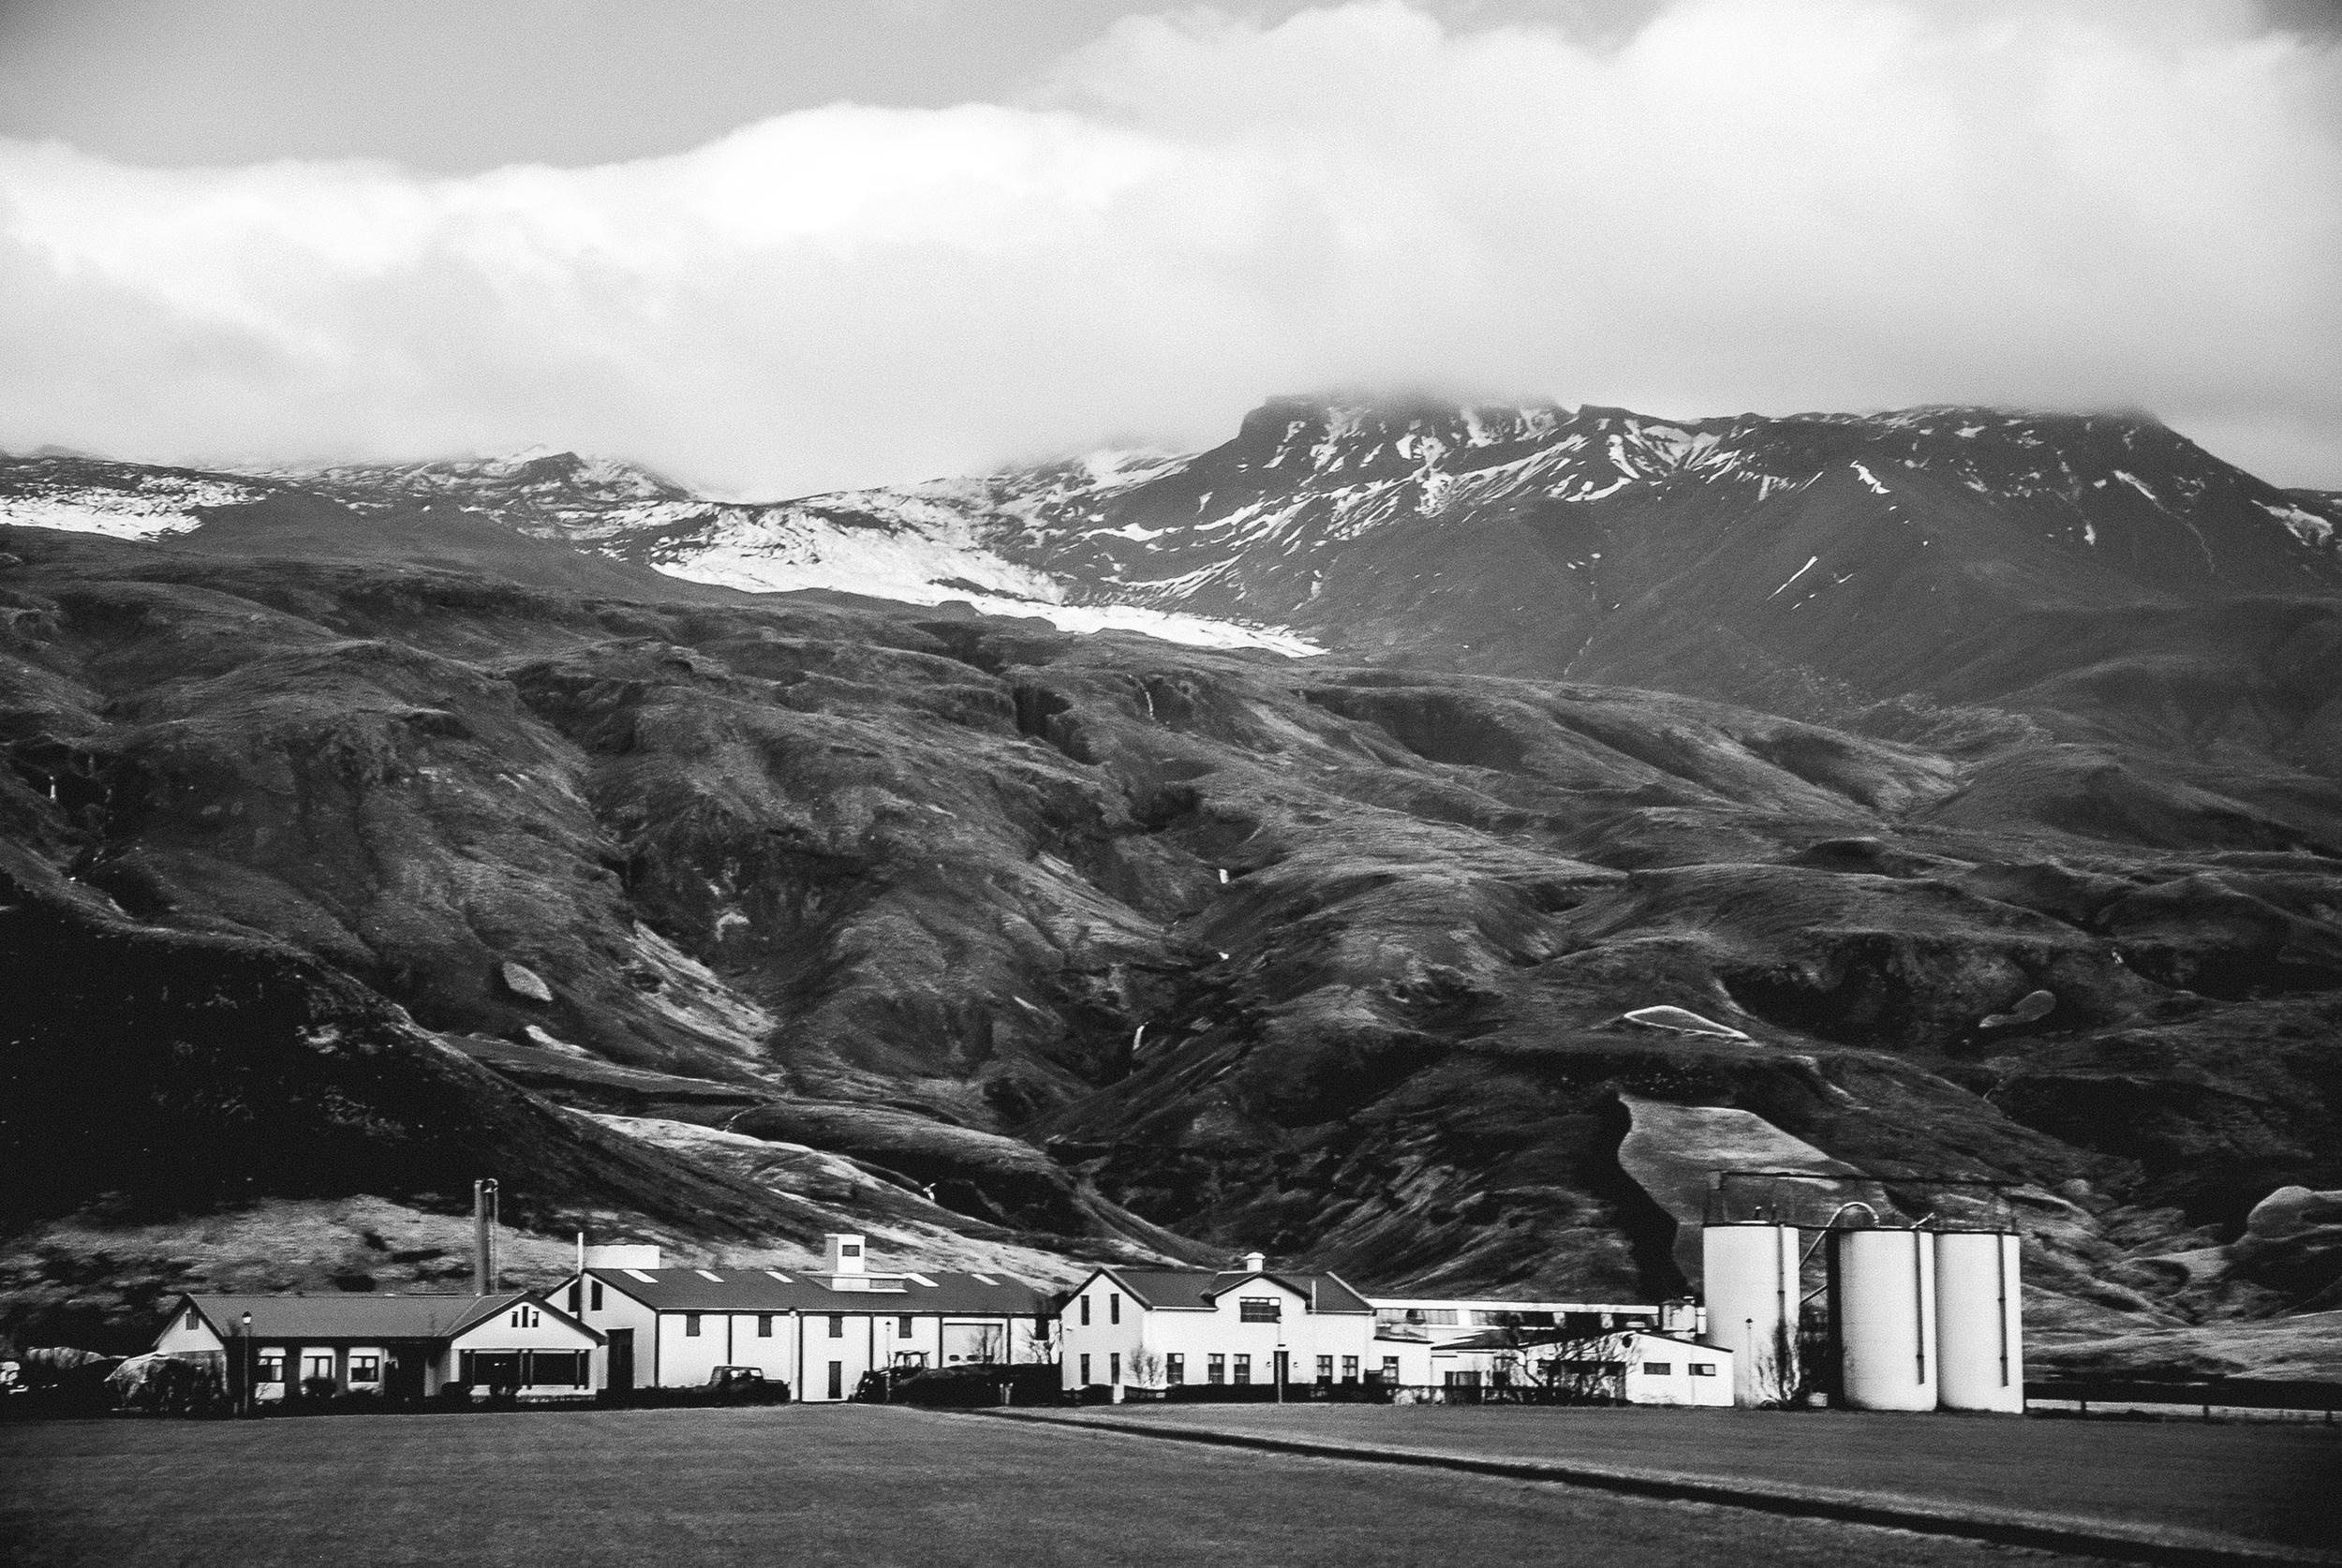 Farm below Eyjafallajokull, Iceland.  Nikon D60 | 18-105 | F5.3 - 1/160th - iso400